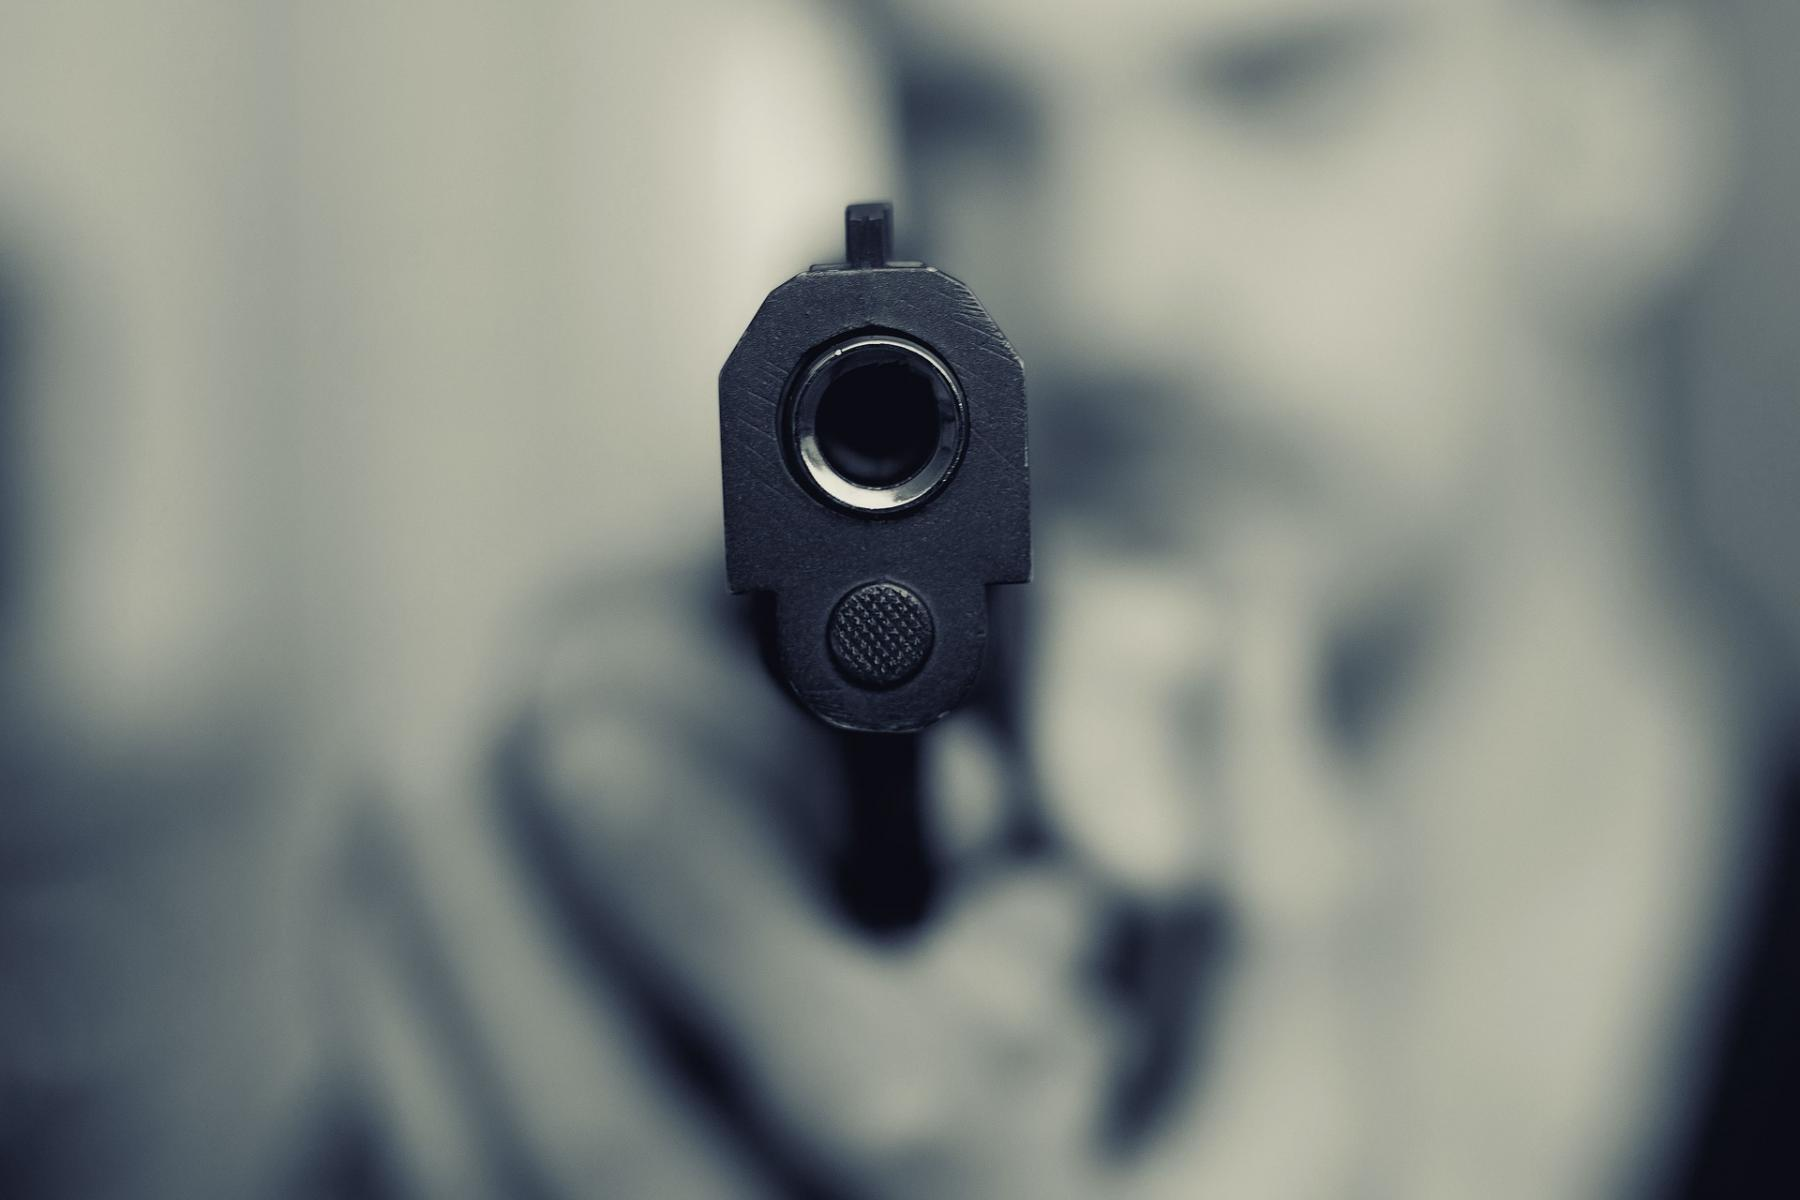 фото С ножом и пистолетом: пассажиры напали на таксиста в Забайкалье 2